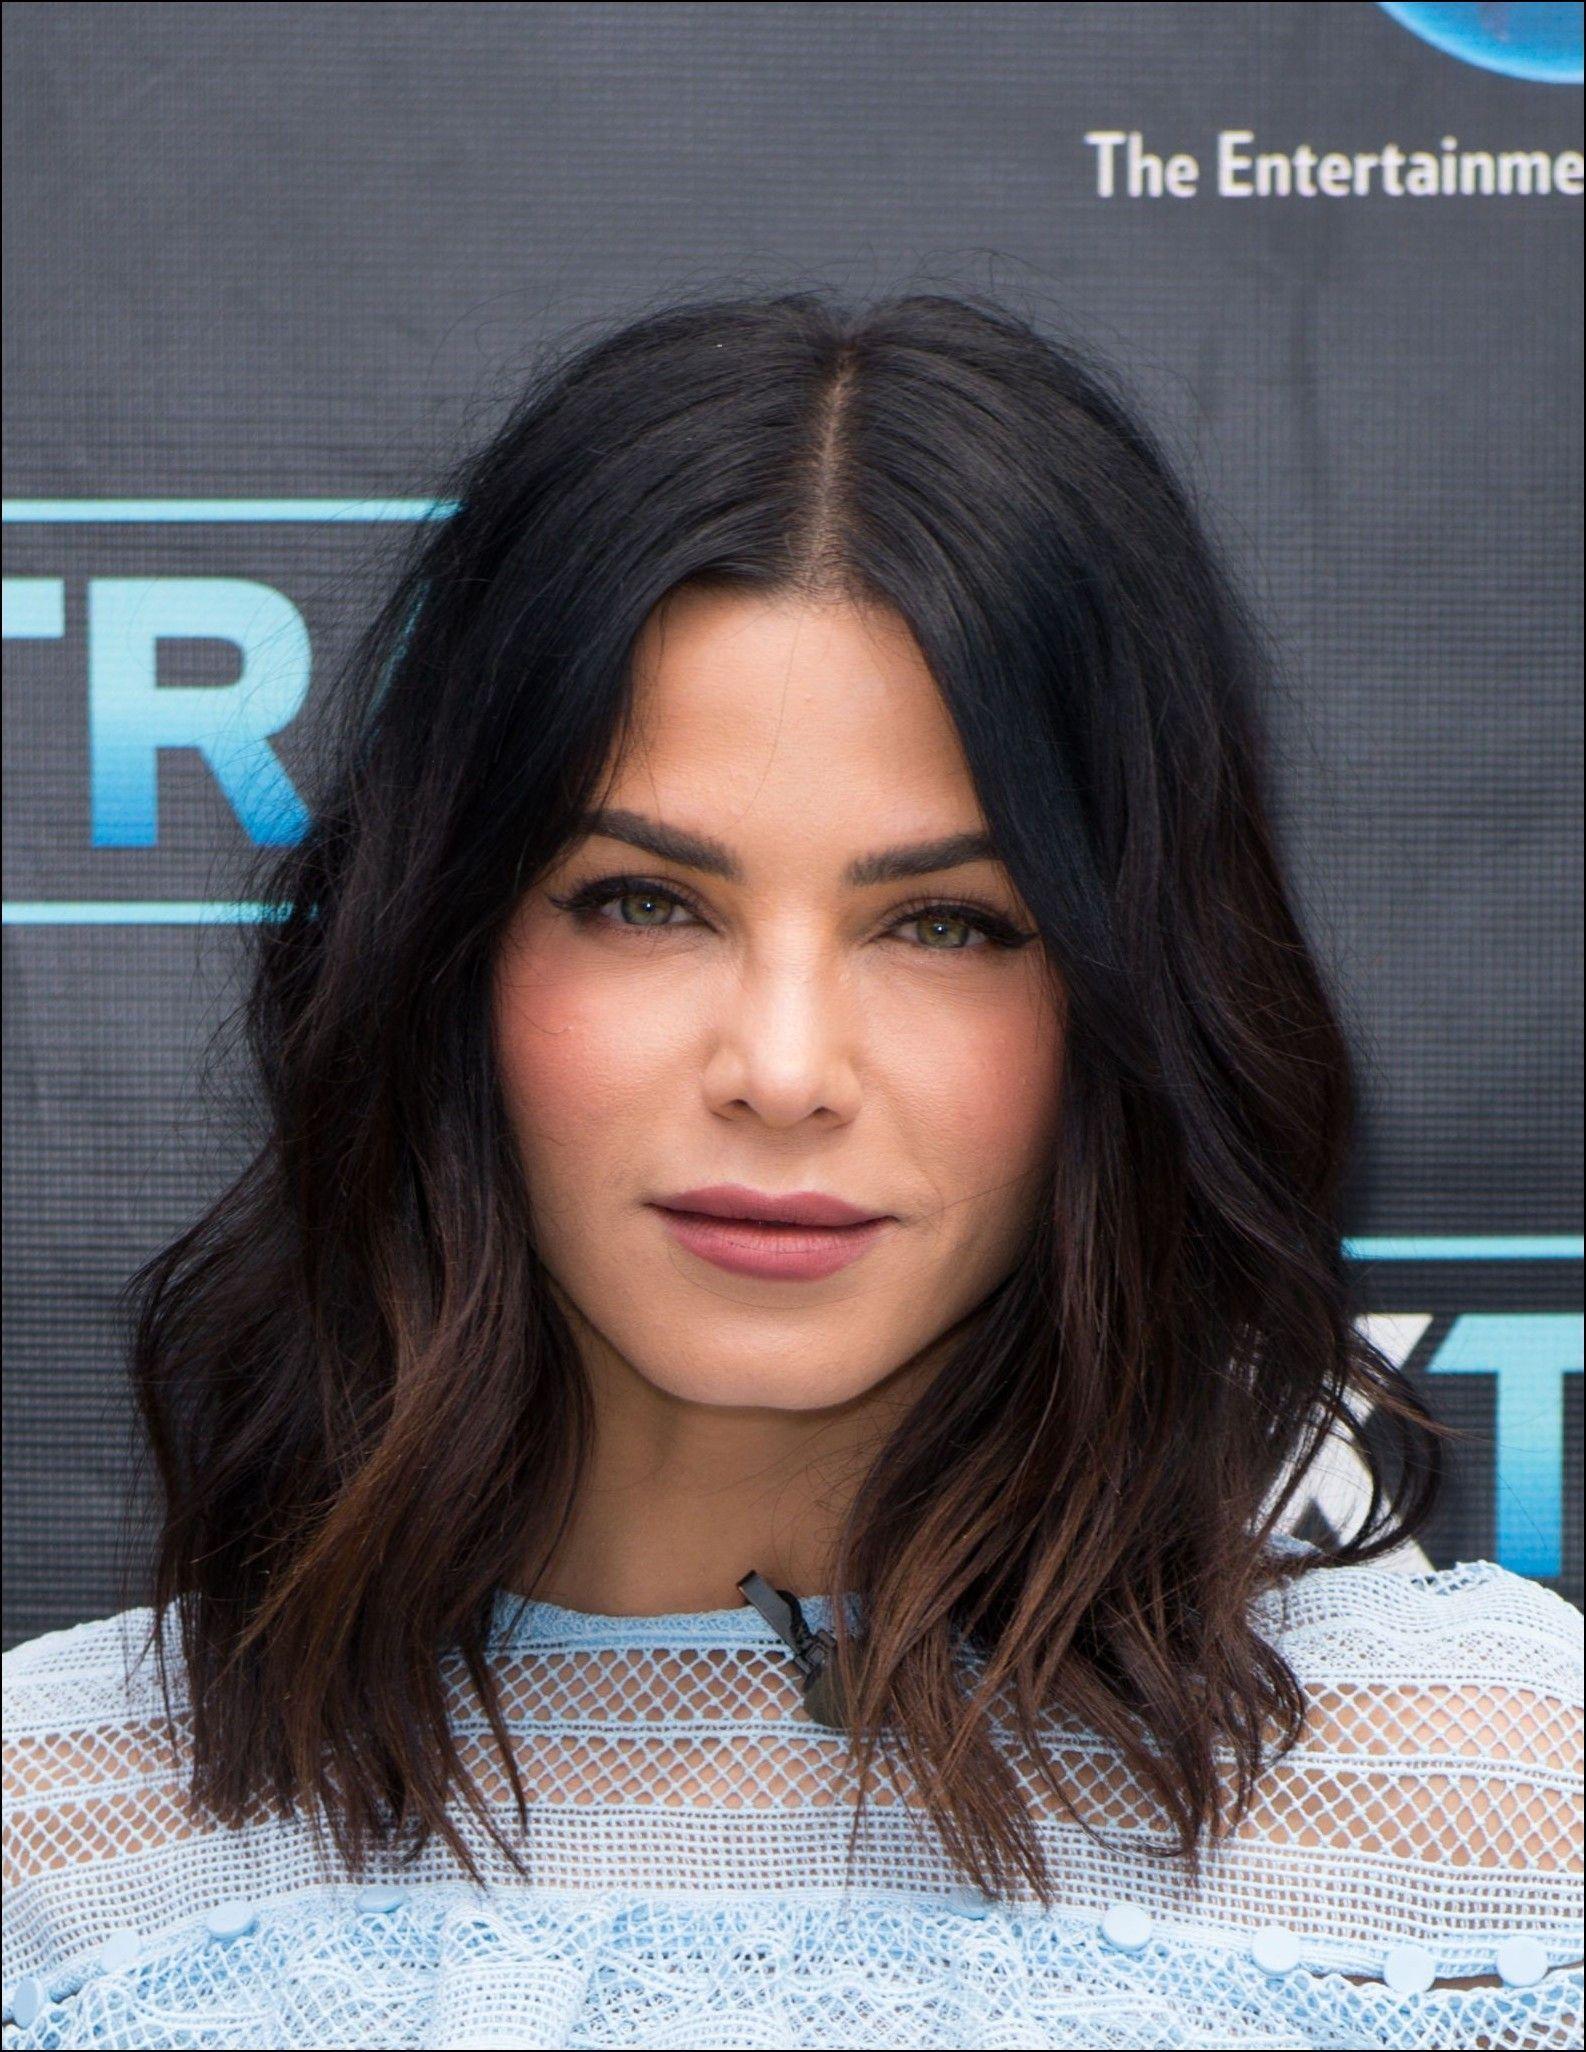 Schone Schwarze Mittellange Frisuren Frisur Haarschnitt Frisur Ideen Einfache Frisuren Mittellang